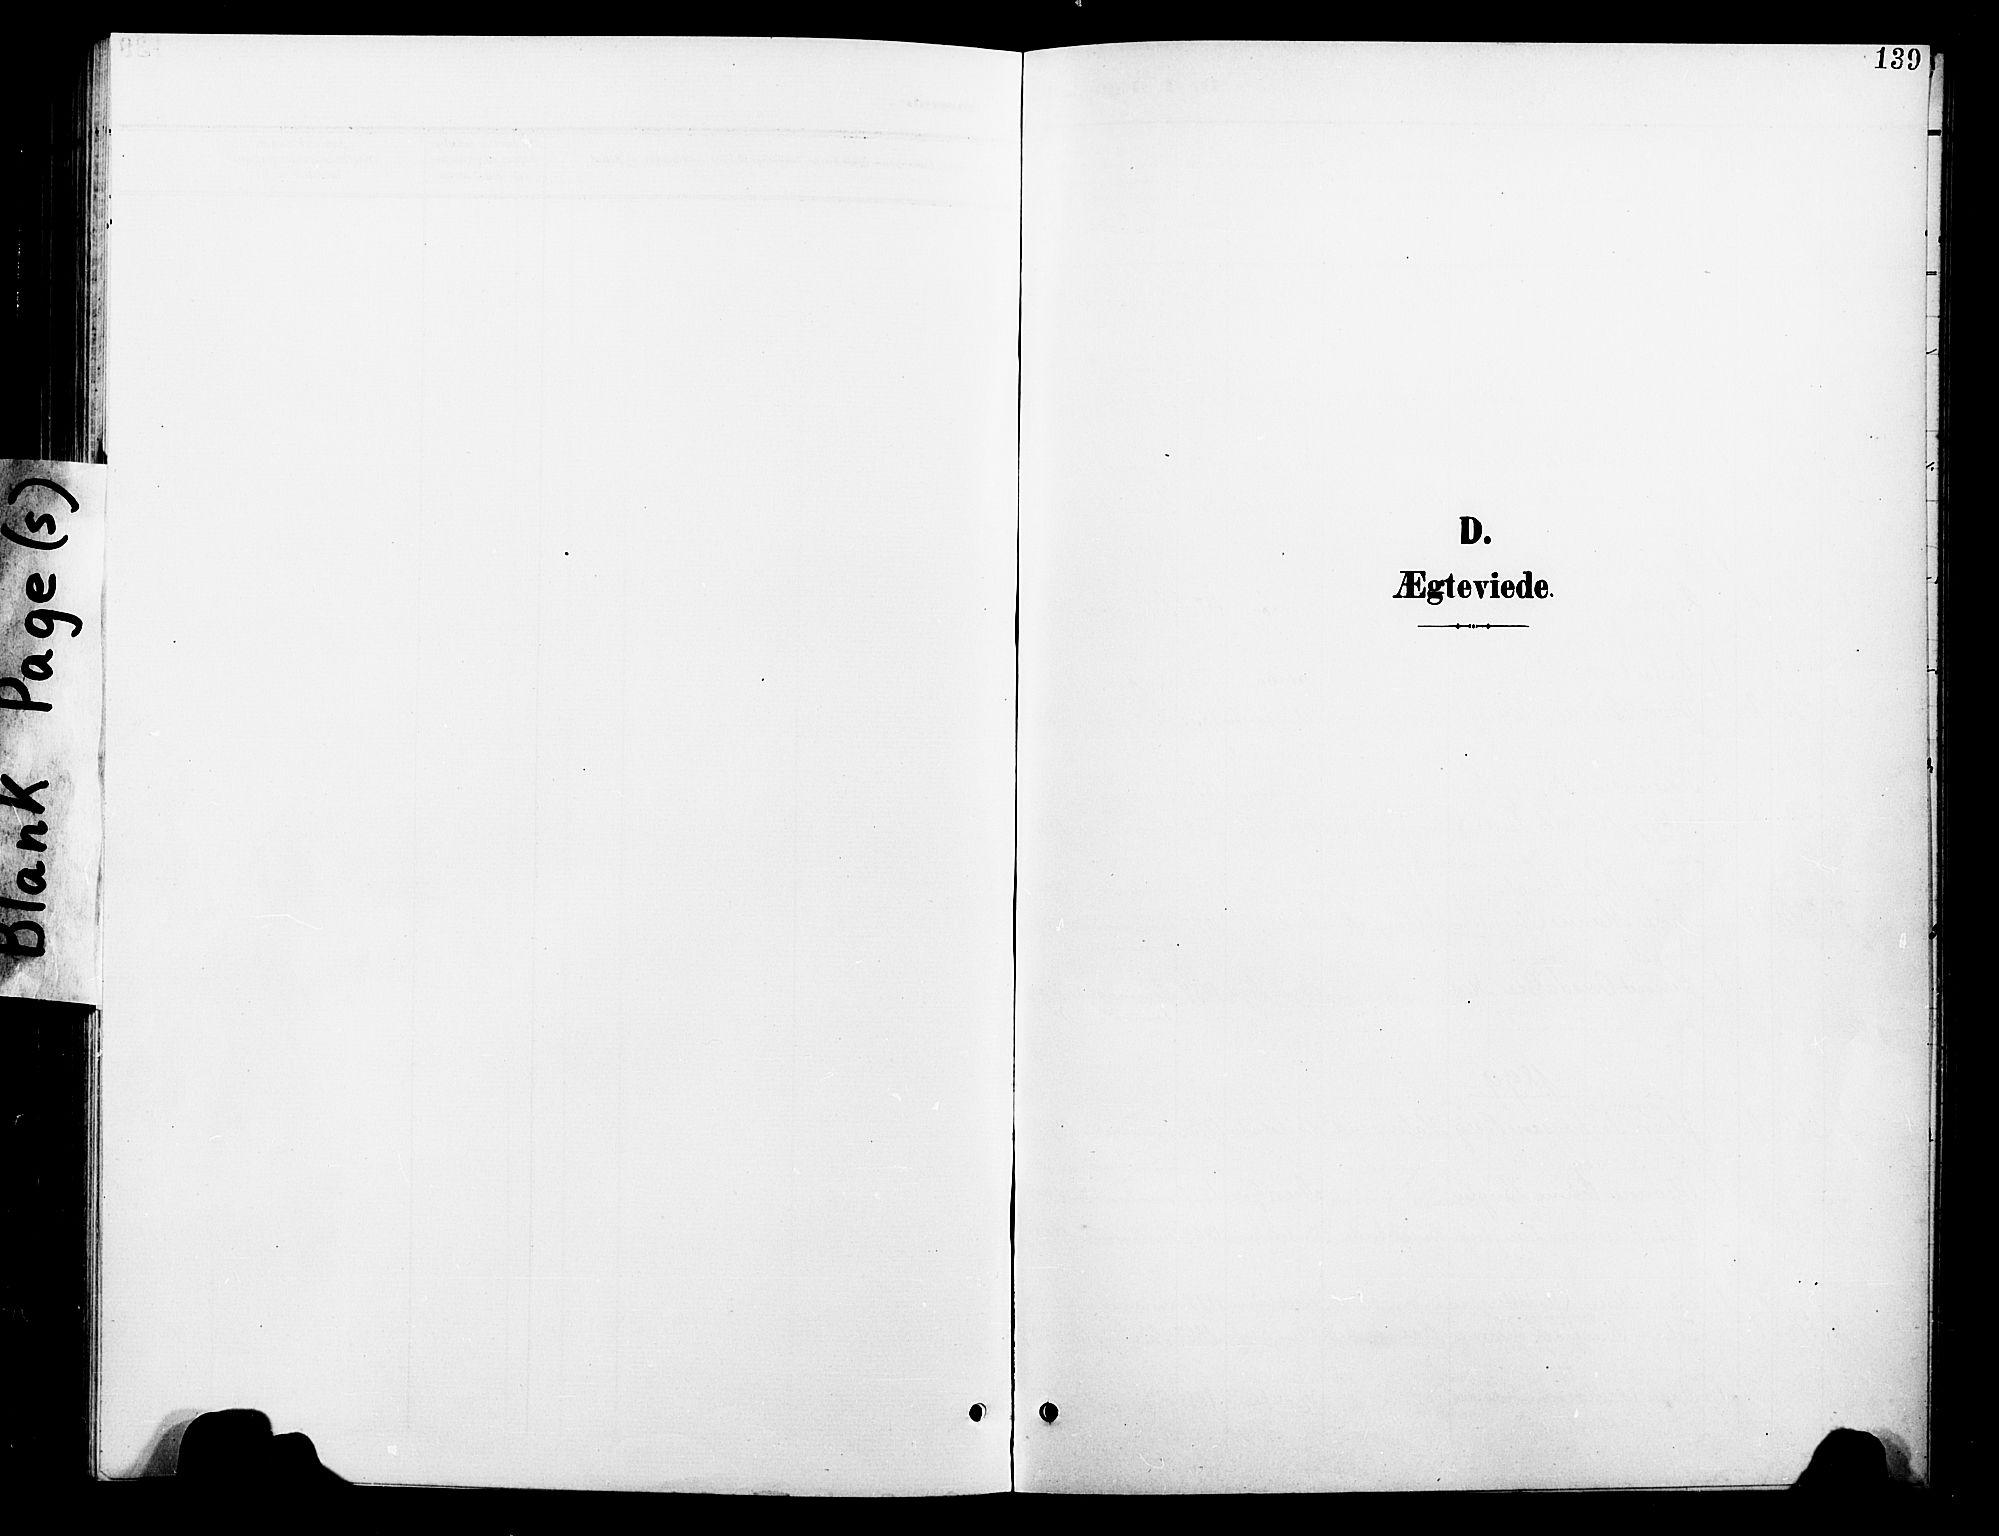 SAT, Ministerialprotokoller, klokkerbøker og fødselsregistre - Nord-Trøndelag, 739/L0375: Klokkerbok nr. 739C03, 1898-1908, s. 139